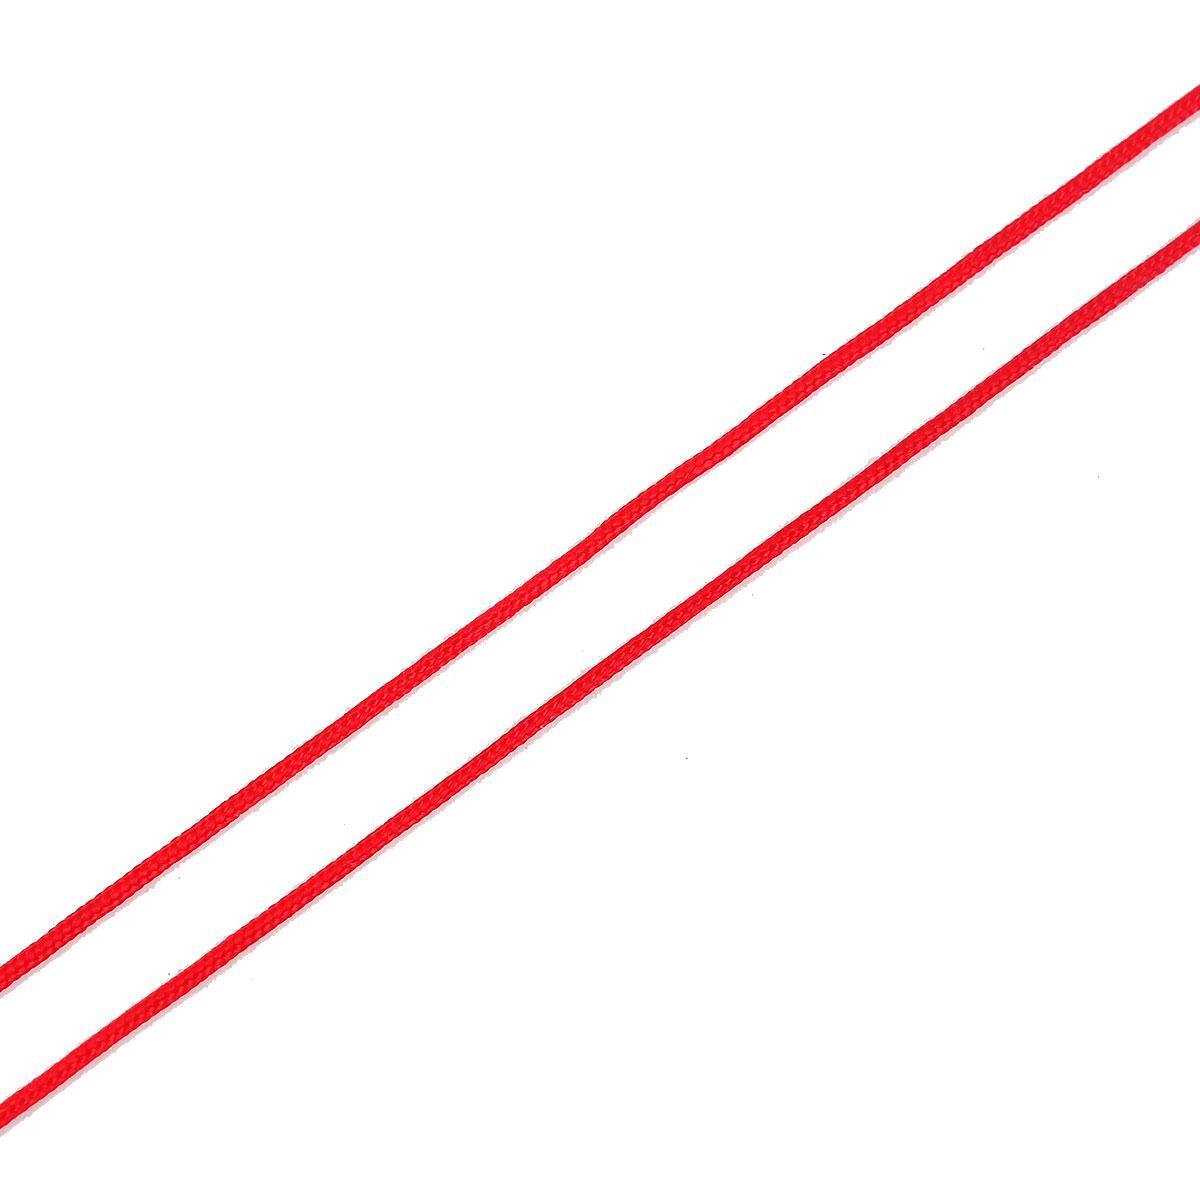 Веревка, Шнур, Нить, Красный, Полиэстер, 1.0 мм